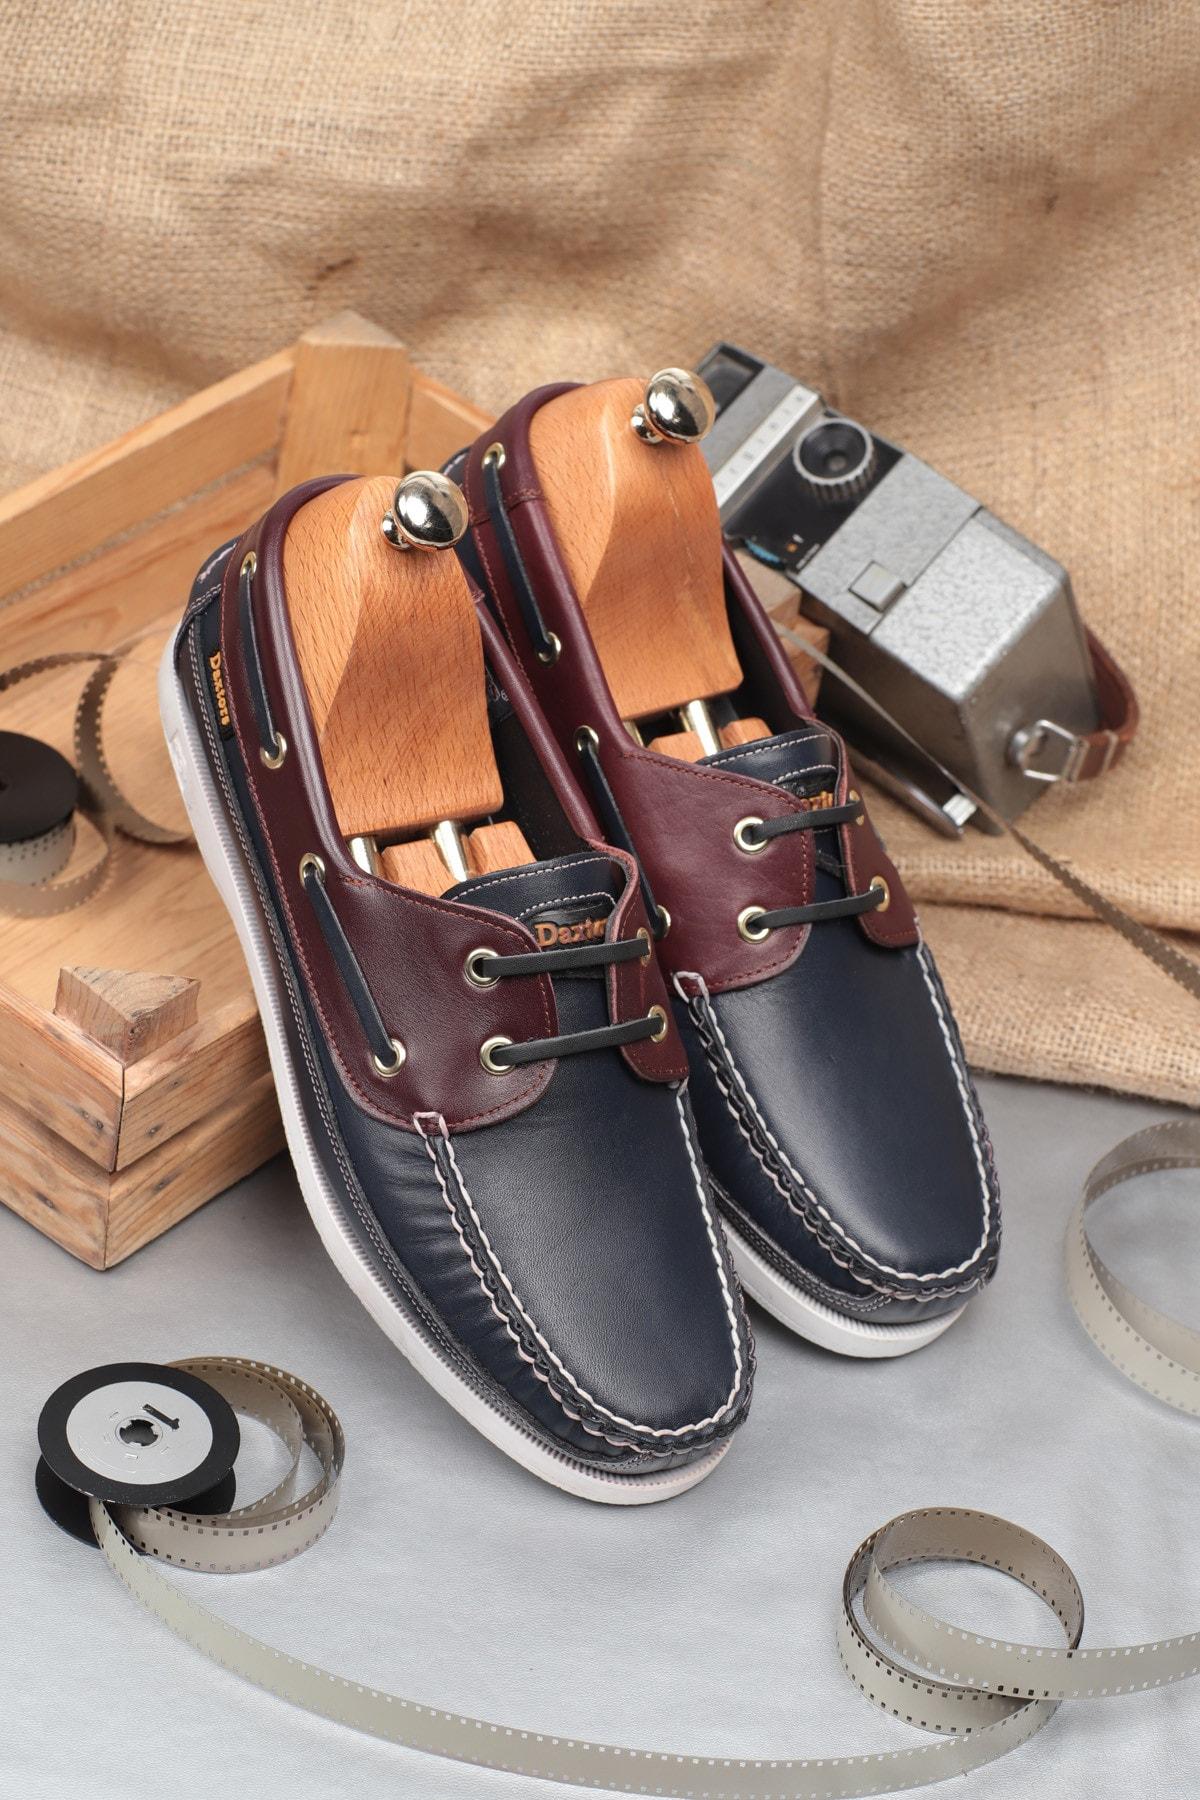 Daxtors D815 Günlük Klasik Hakiki Deri Erkek Ayakkabı 1